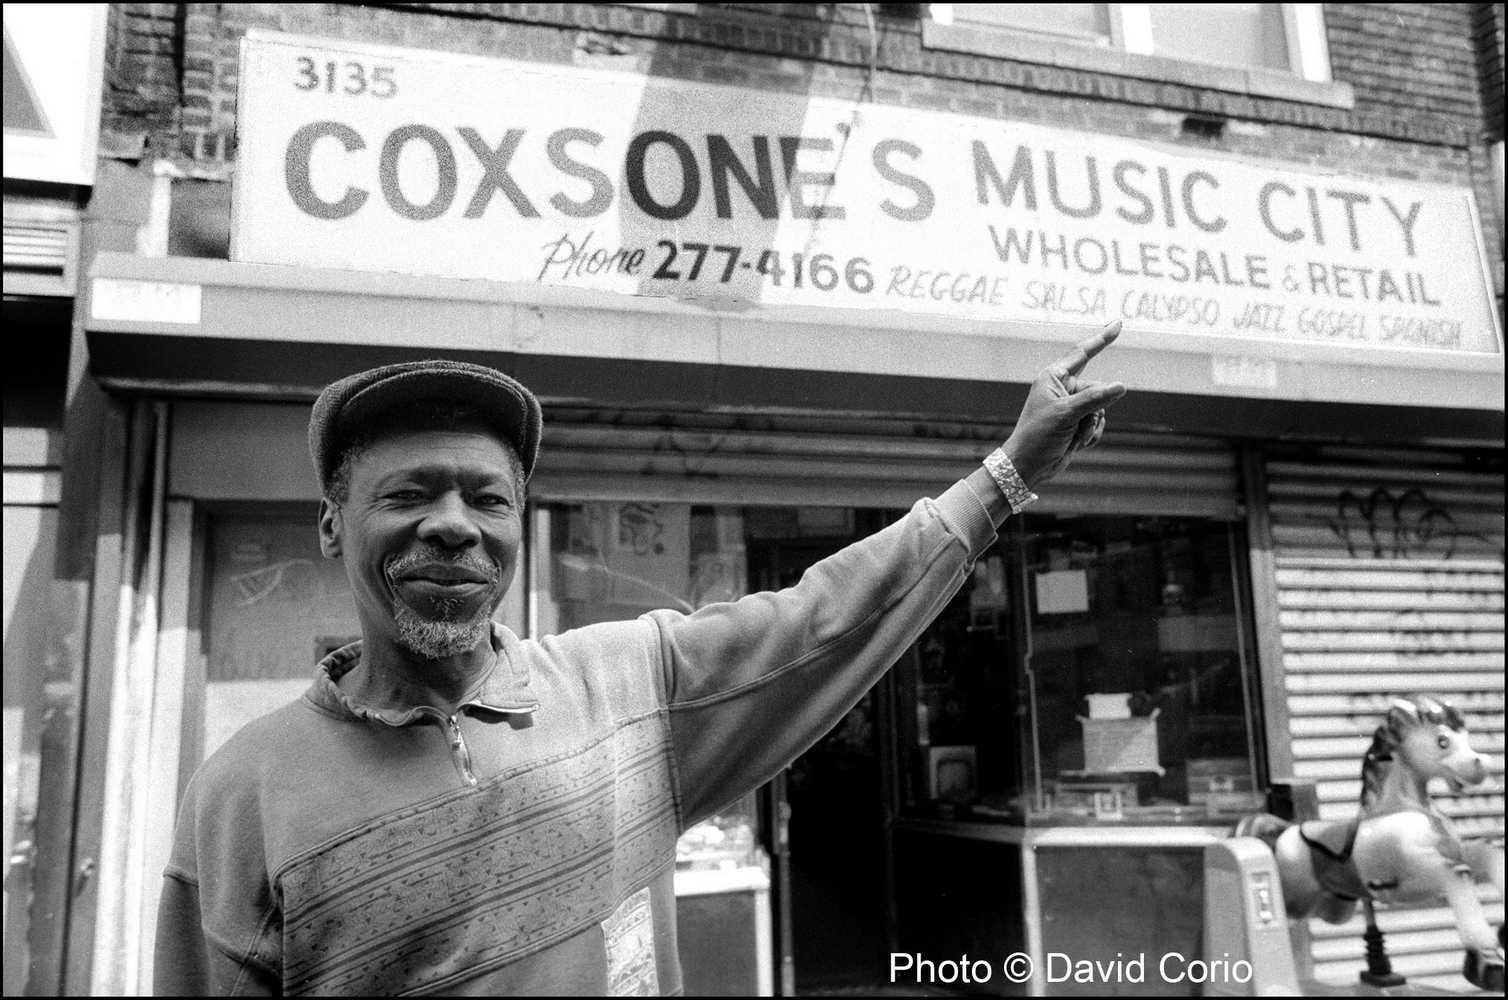 Clement 'Coxsone' Dodd outside his Brooklyn record shop and studio 8-19-1992 by David Corio